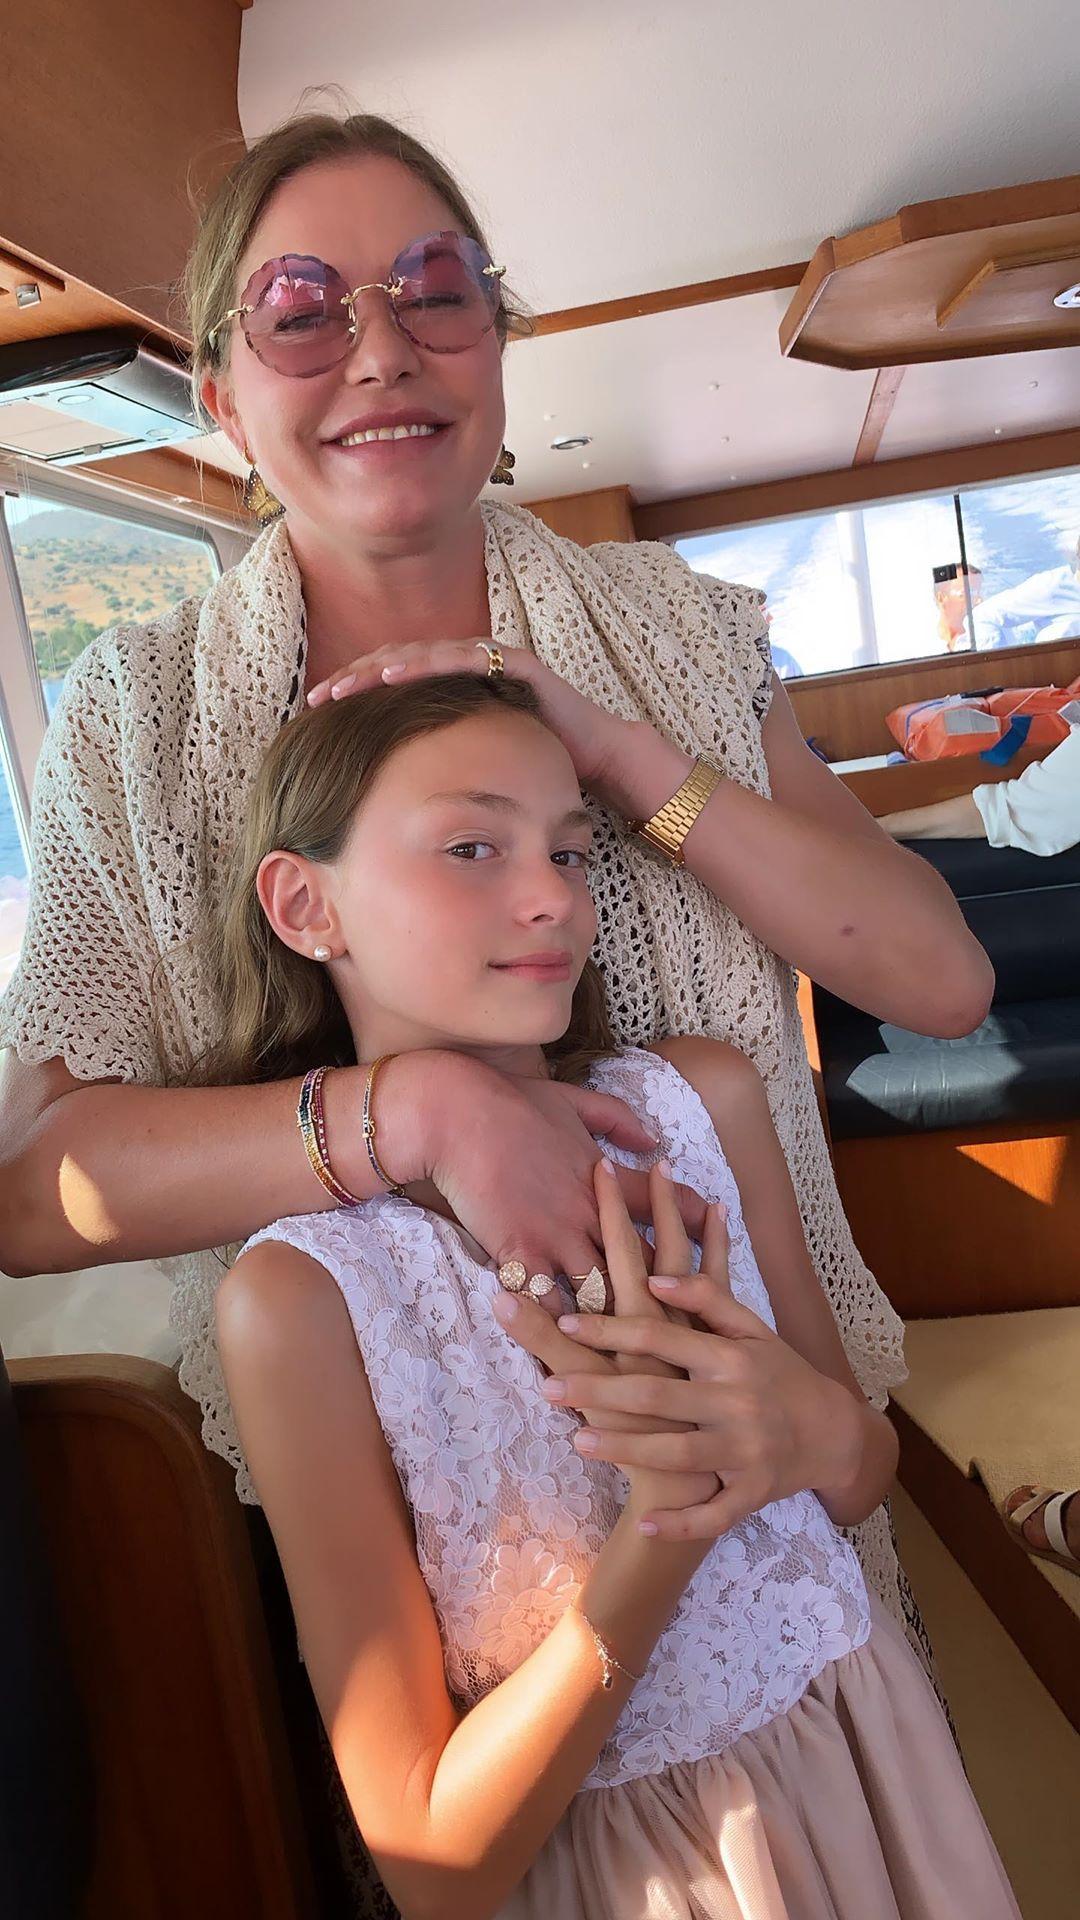 Νονά και βαφτιστήρα, Μελίσσα Βαρδινογιάννη Μελίνα Πασχαλίδου